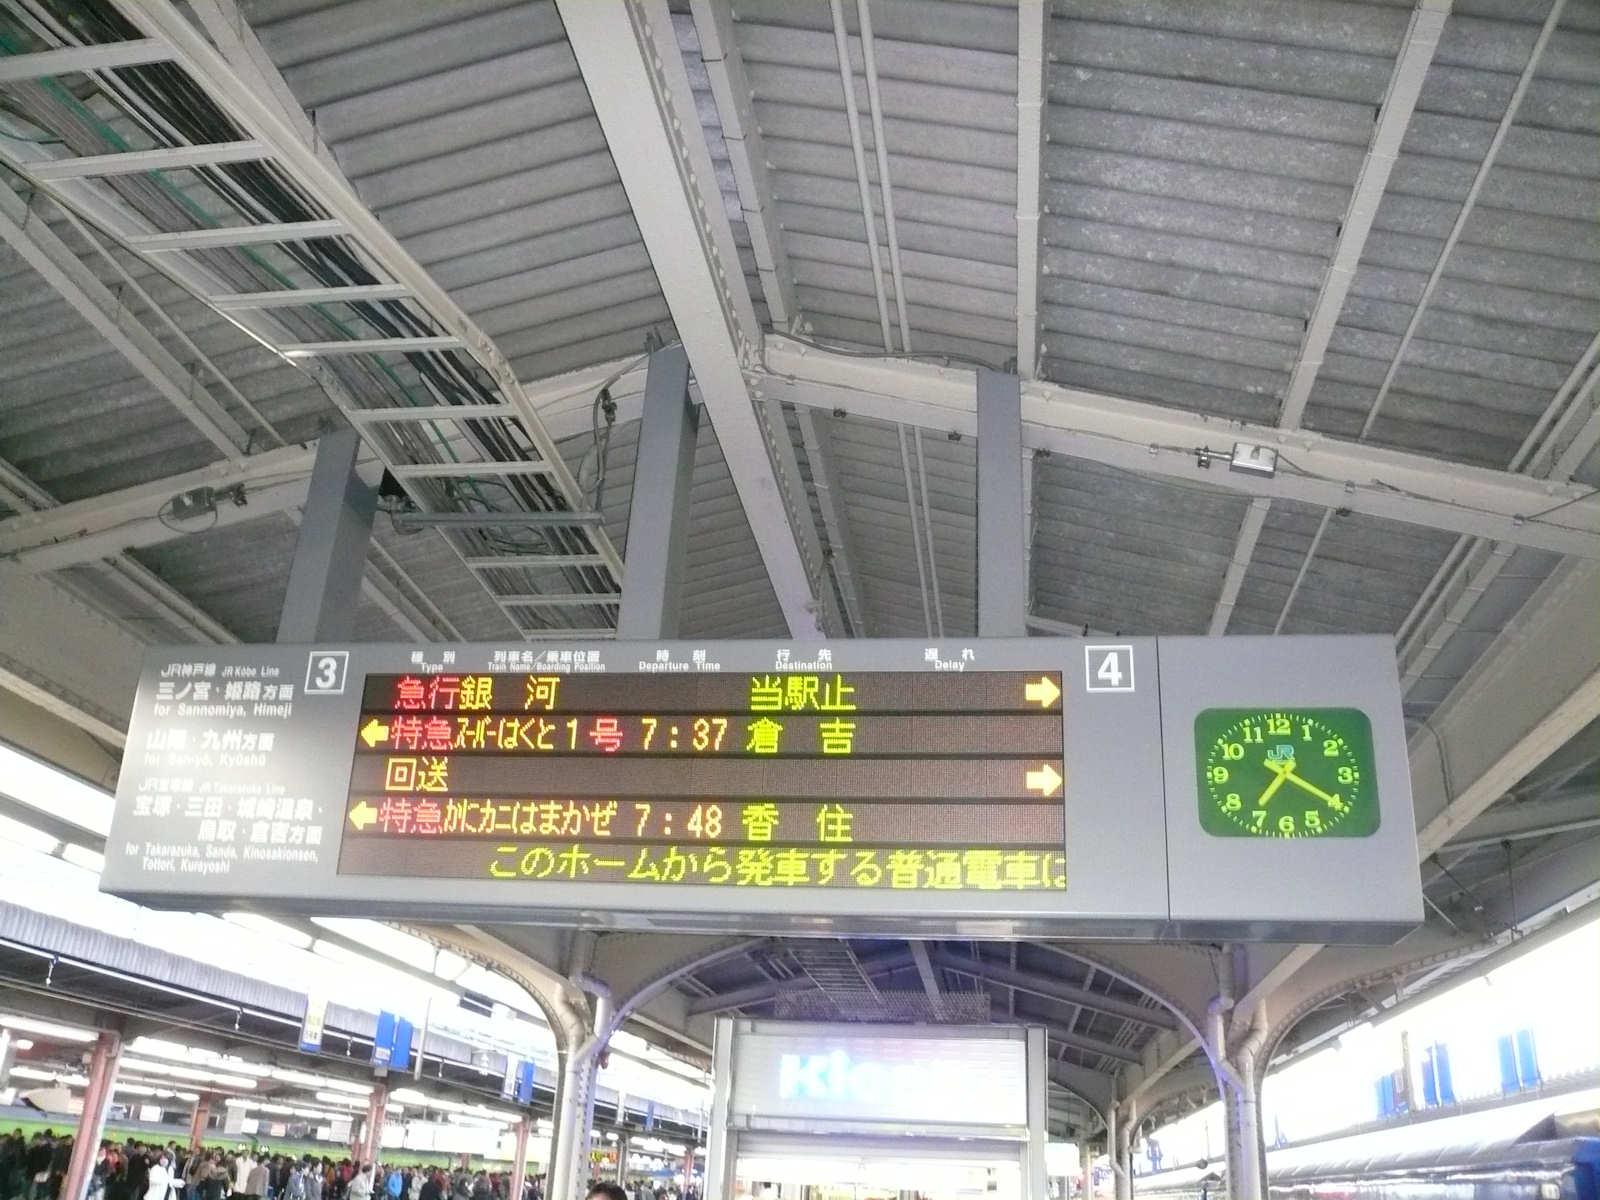 寝台急行銀河号の大阪駅到着案内板(JPG-214k)